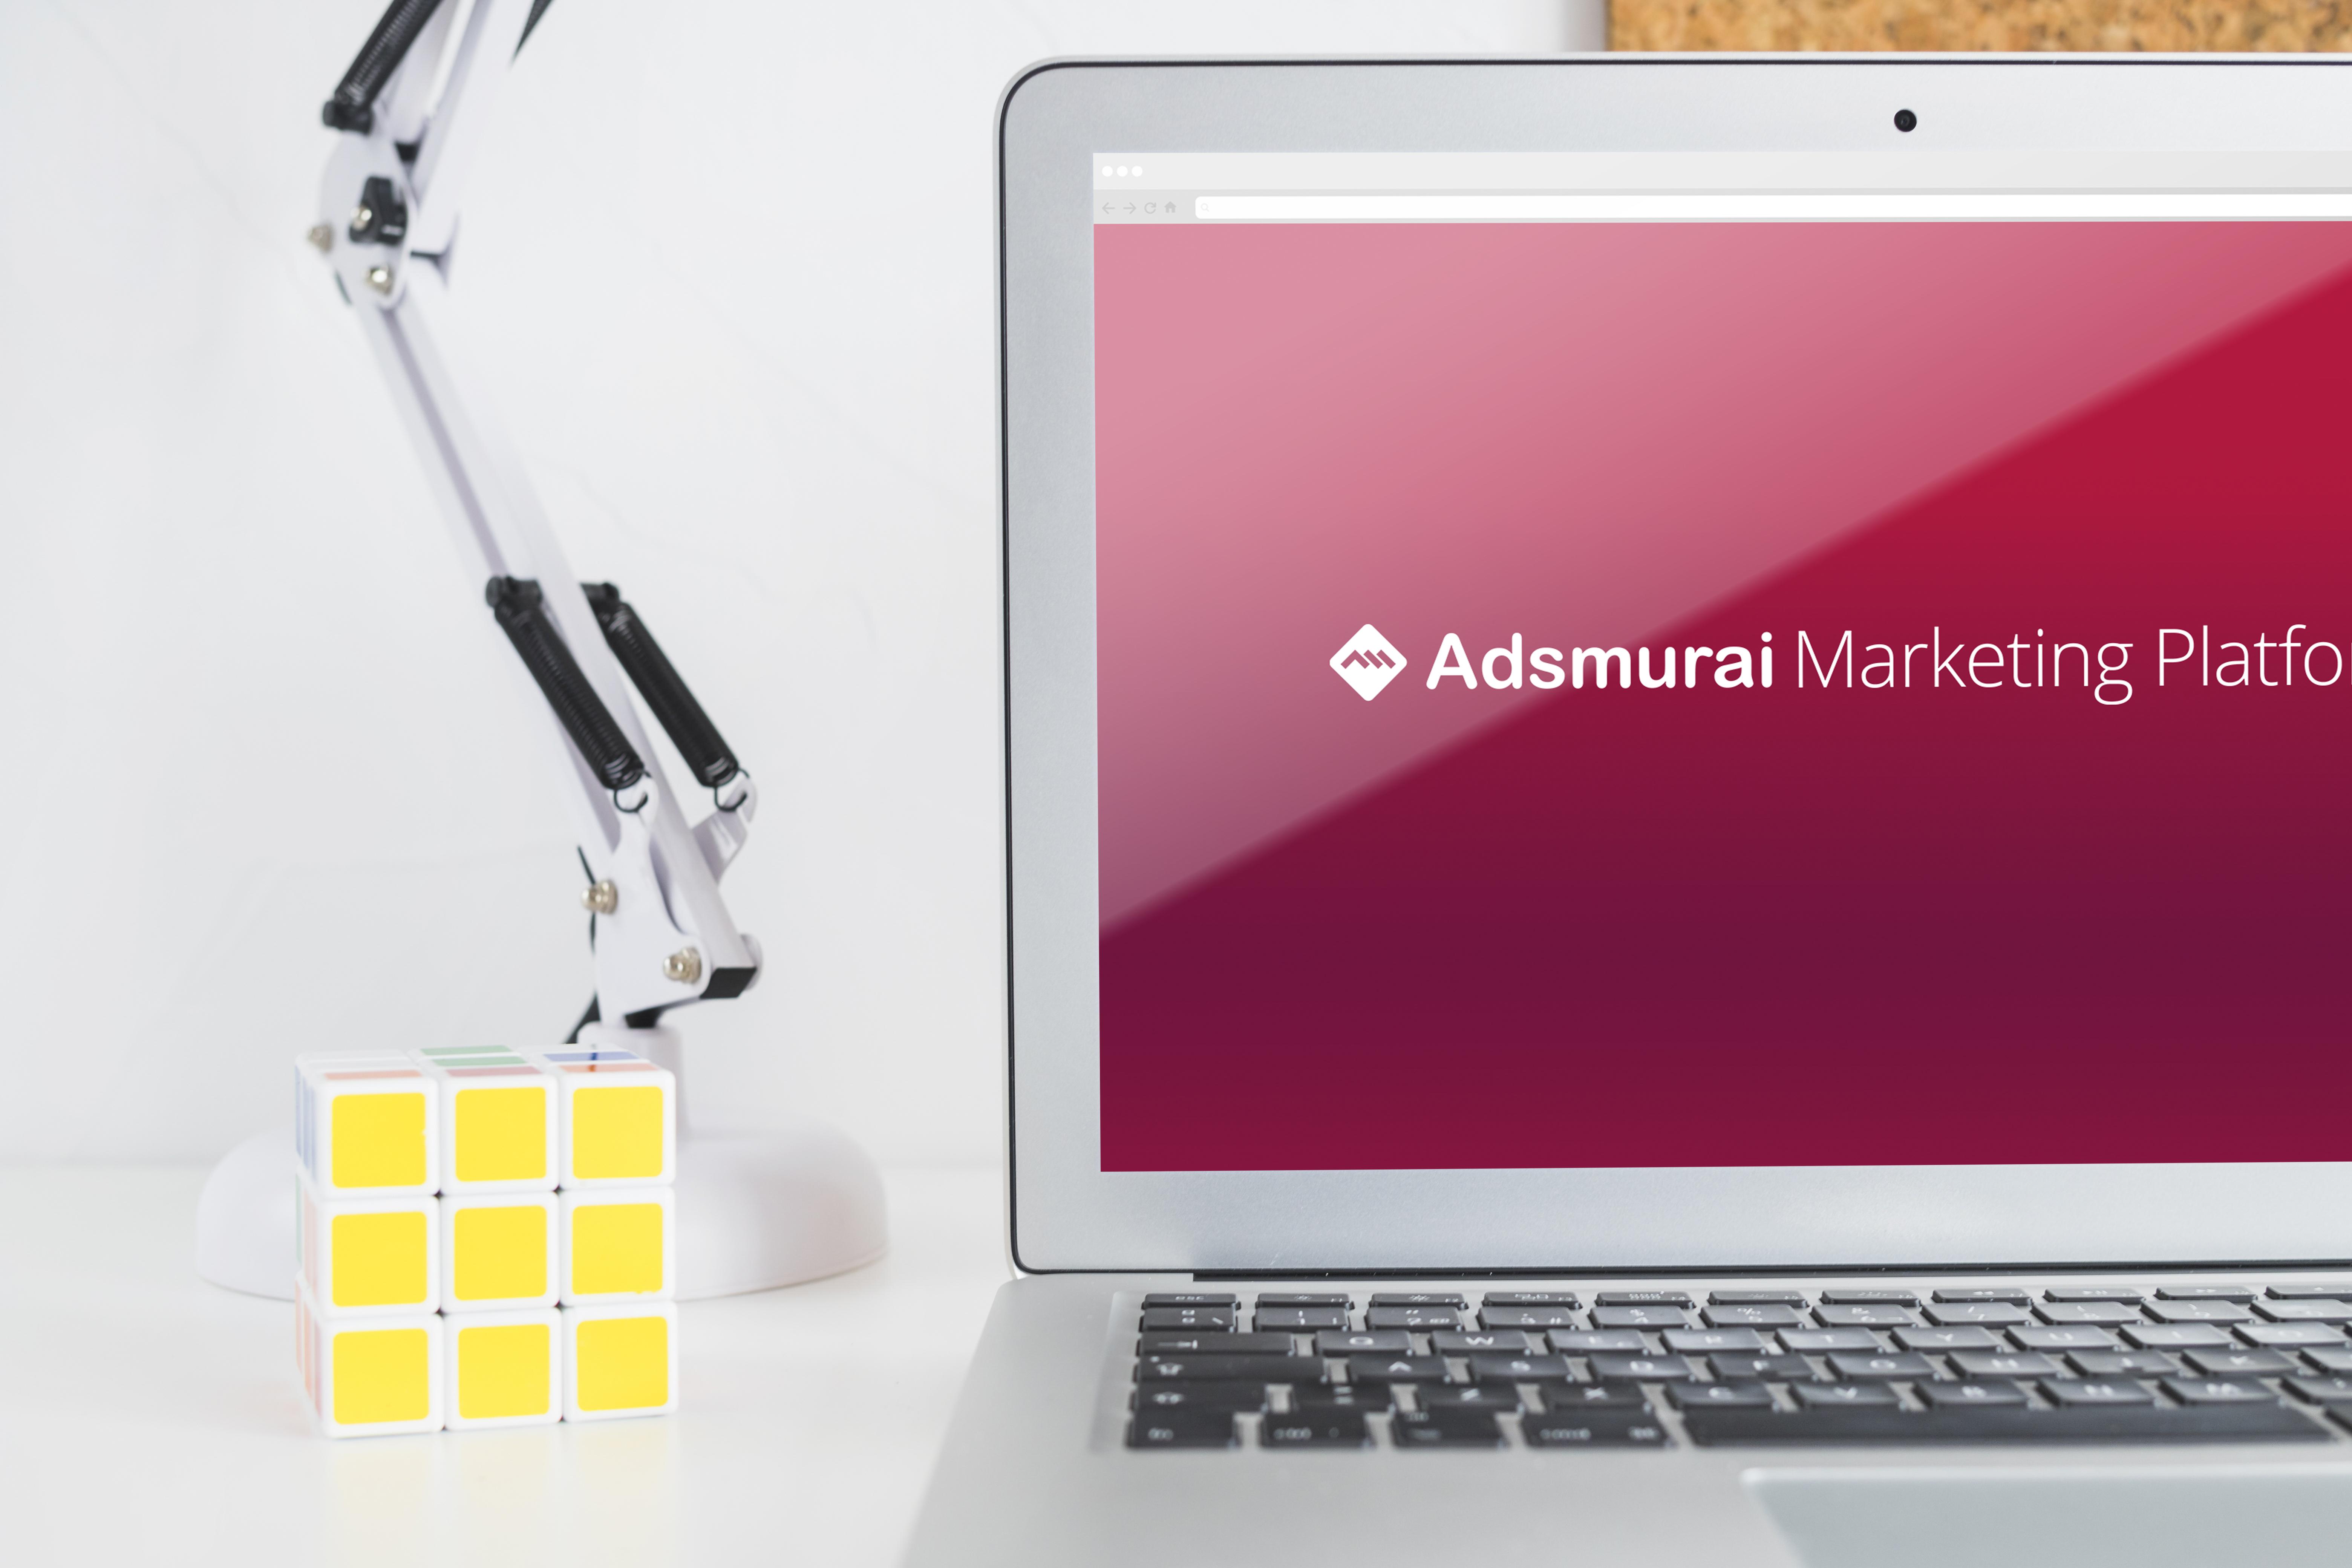 Adsmurai integra su tecnología con las 8 principales plataformas